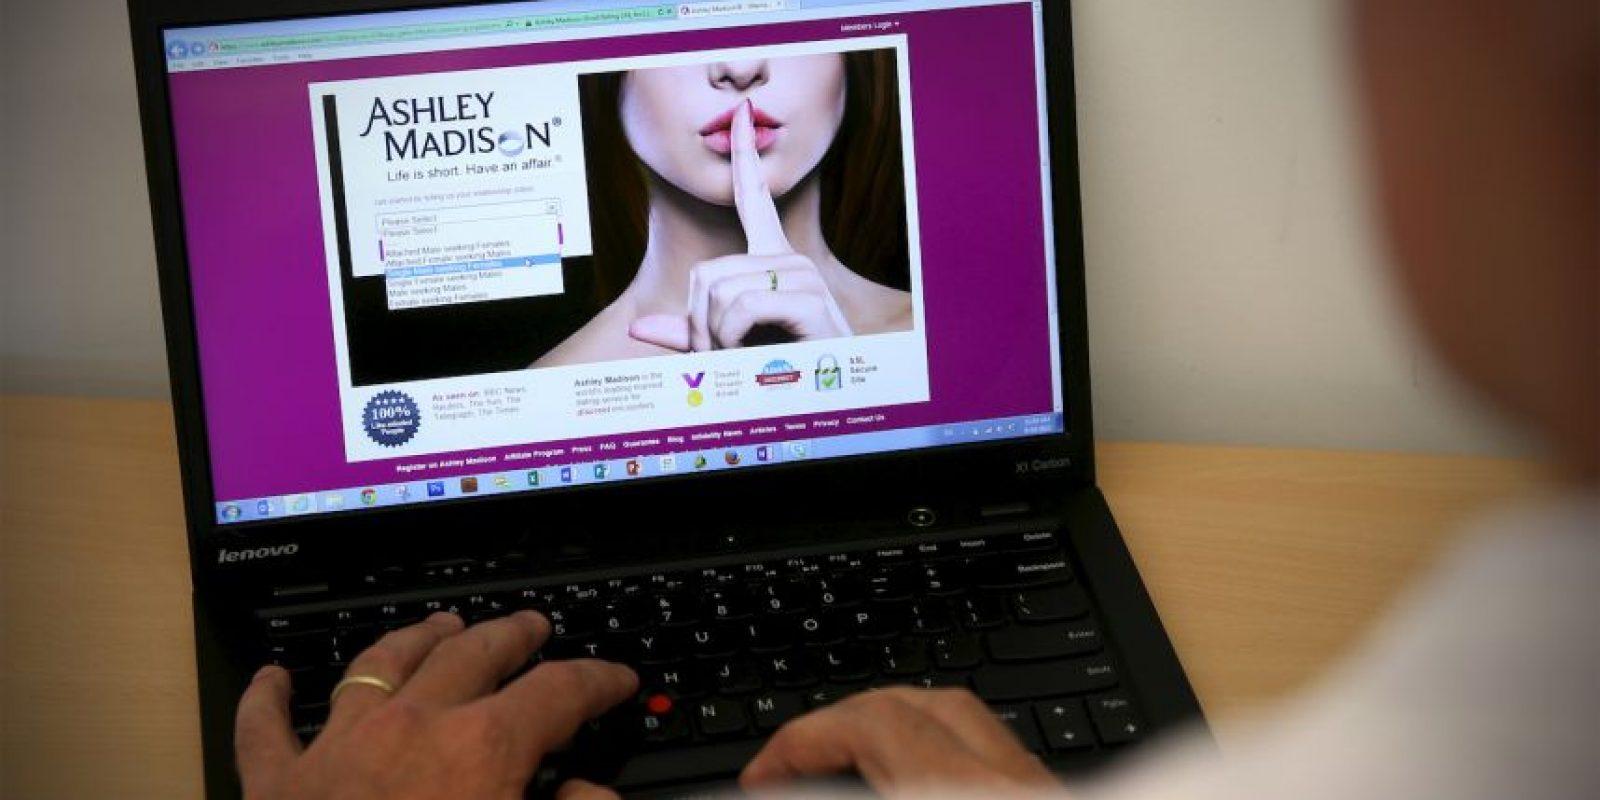 """El lema del sitio web especializado en contactar personas con pareja es: """"La vida es corta. Tenga una aventura"""". Foto:Getty Images"""